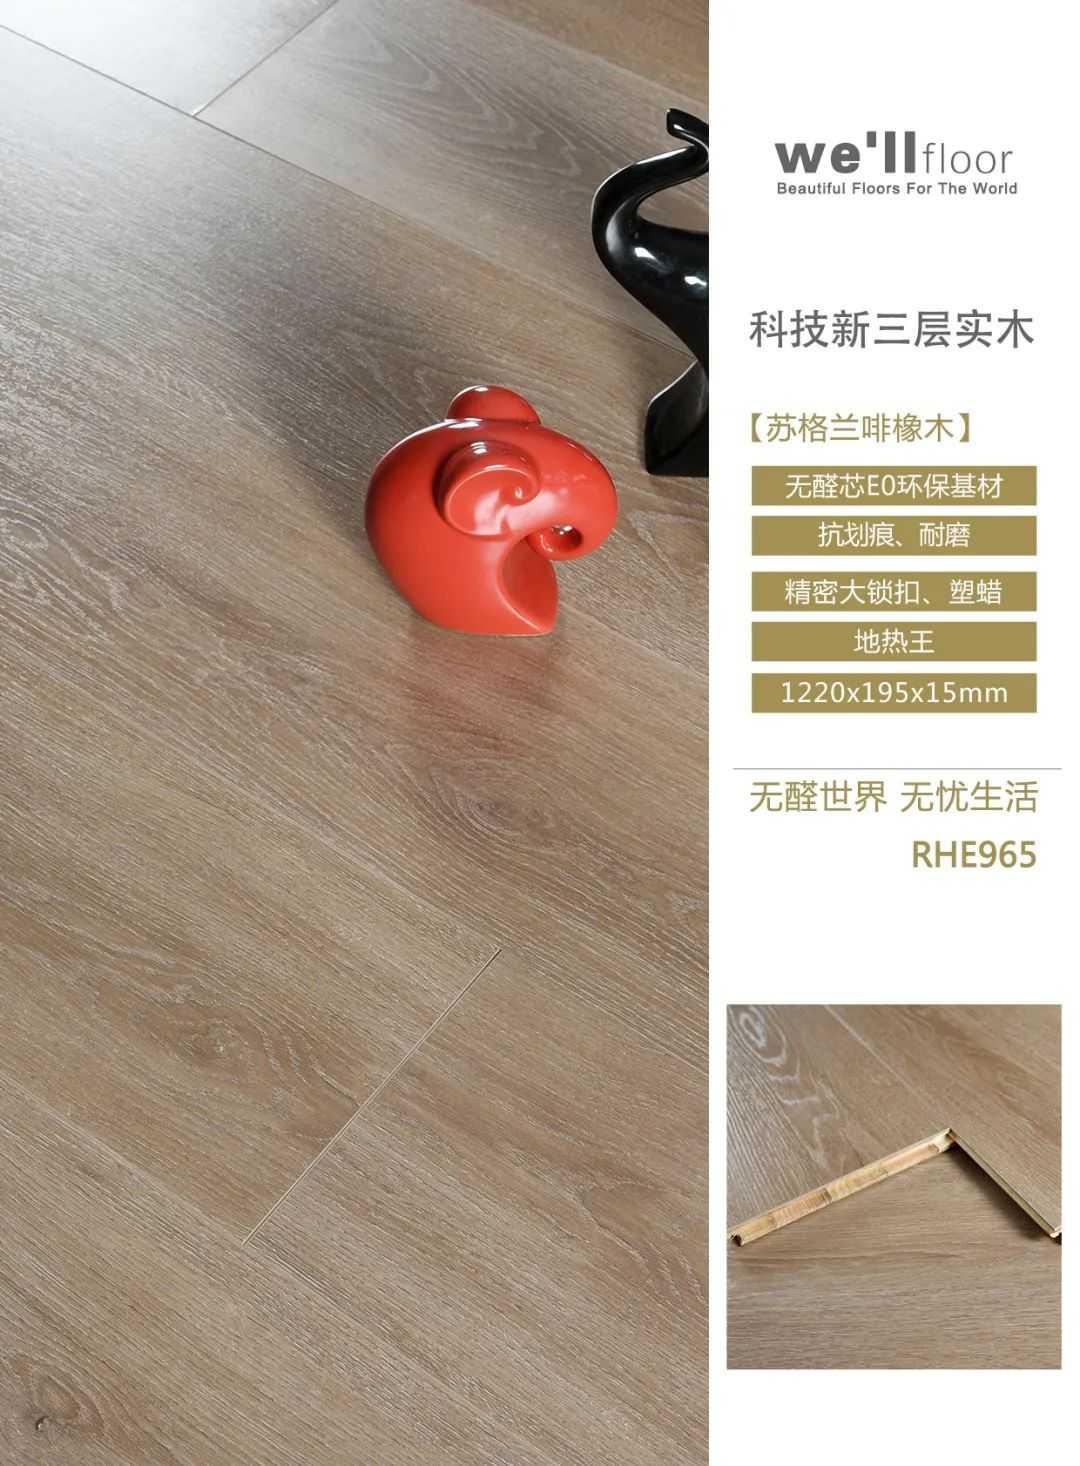 惠尔地板-新三层实木地板、强化木地板产品图片_5